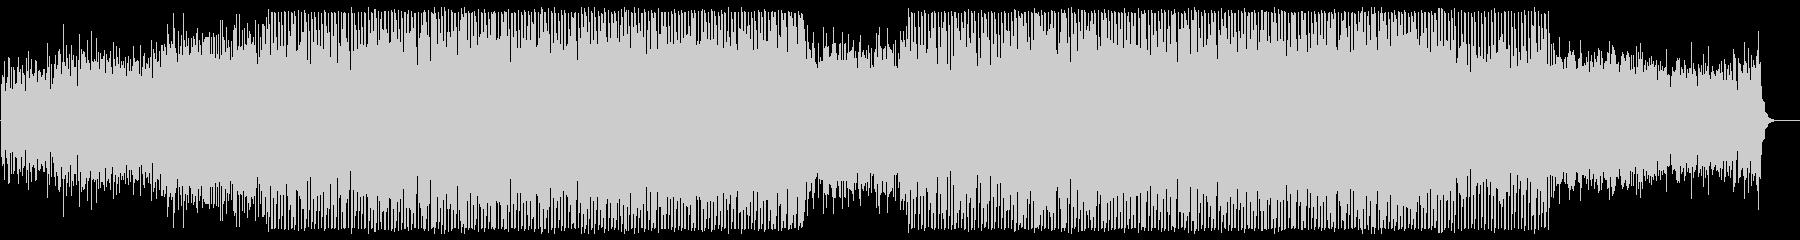 和やかなミディアムテンポのテクノポップの未再生の波形